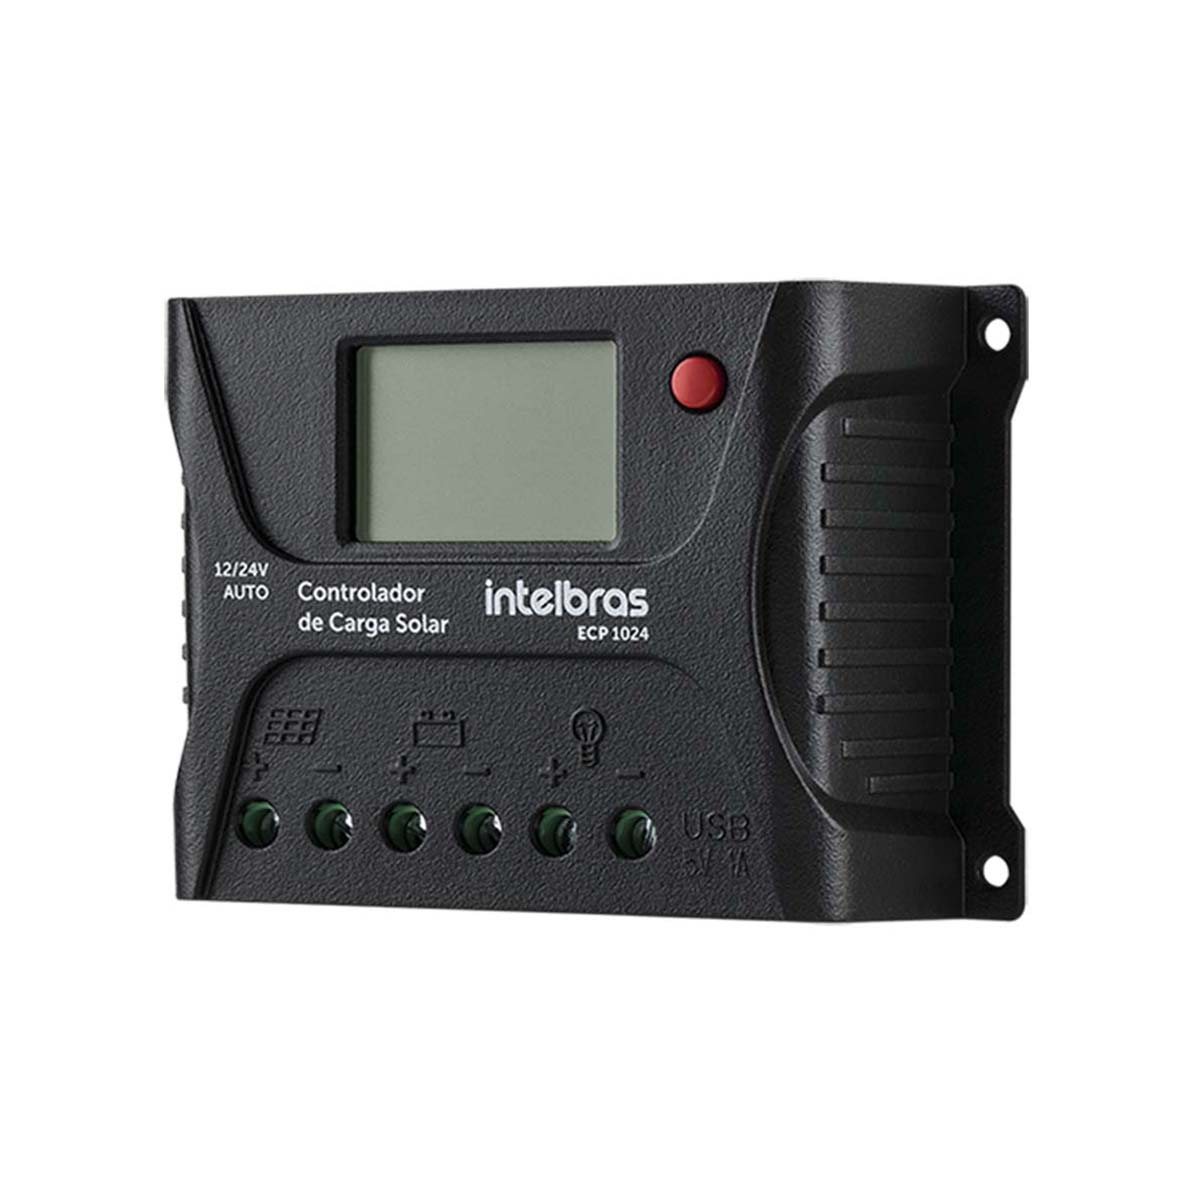 Controlador de Carga Intelbras PWM ECP 1024